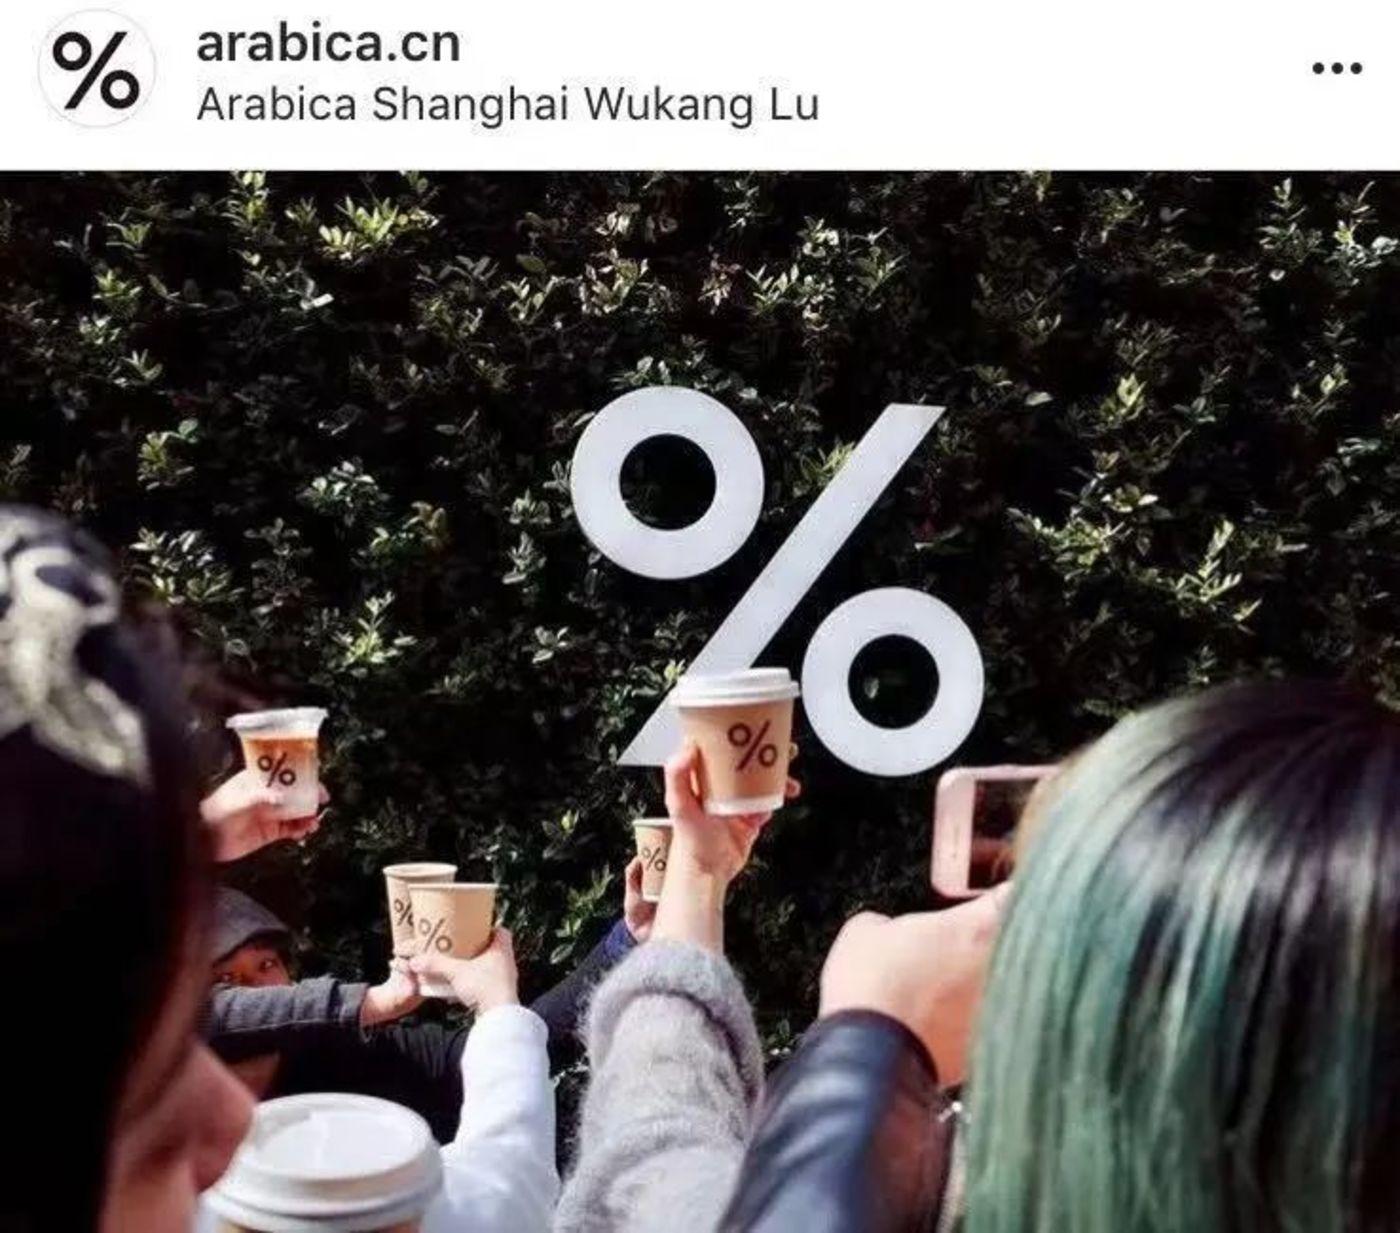 """同样有""""咖啡朝圣品牌""""标签的%Arabica"""